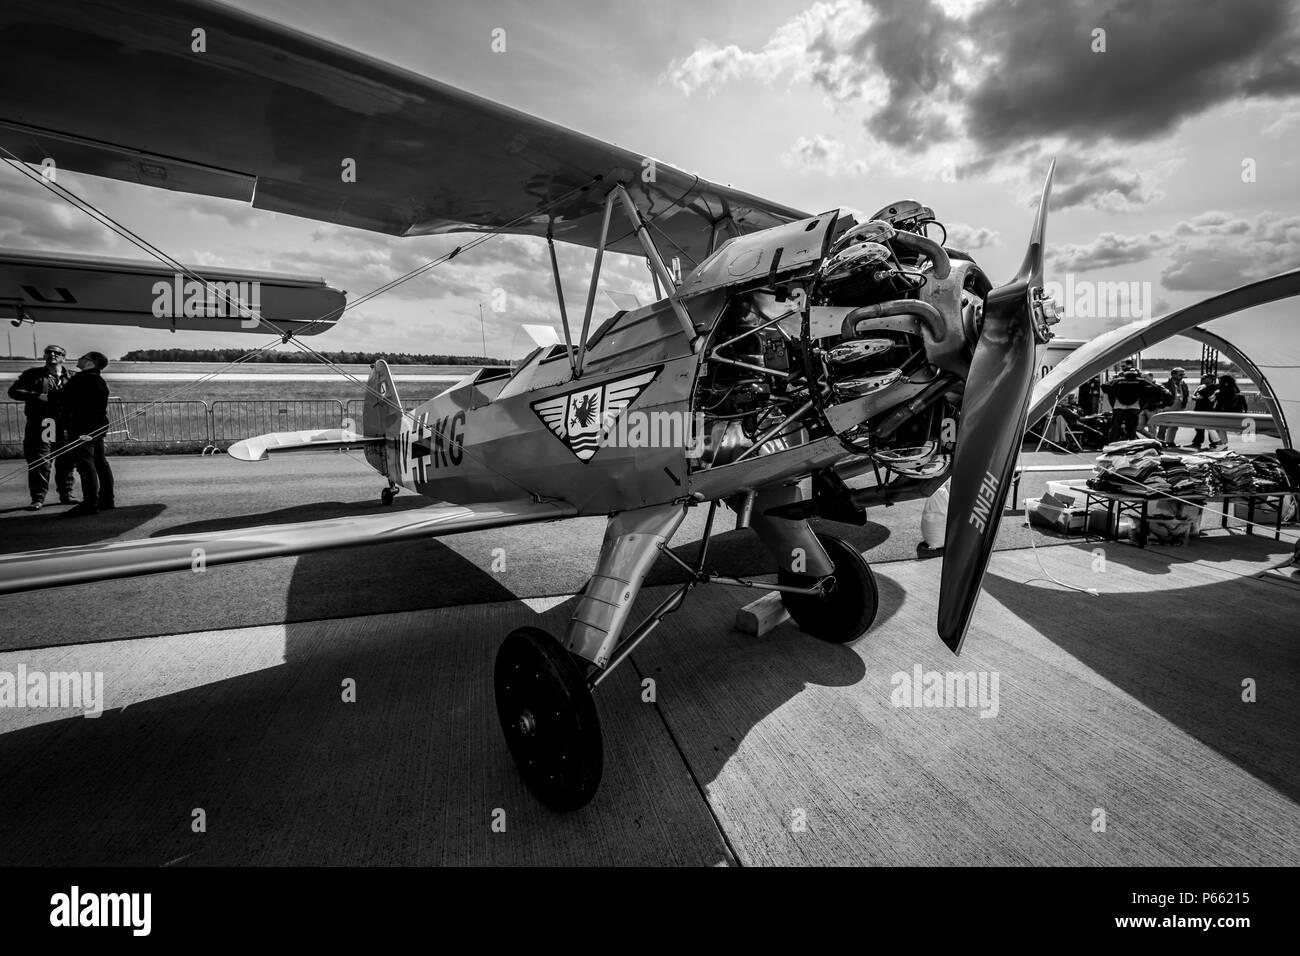 BERLIN - APRIL 27, 2018: Biplane trainer Focke-Wulf Fw 44J Stieglitz ('Goldfinch'). Black and white. Exhibition ILA Berlin Air Show 2018. - Stock Image